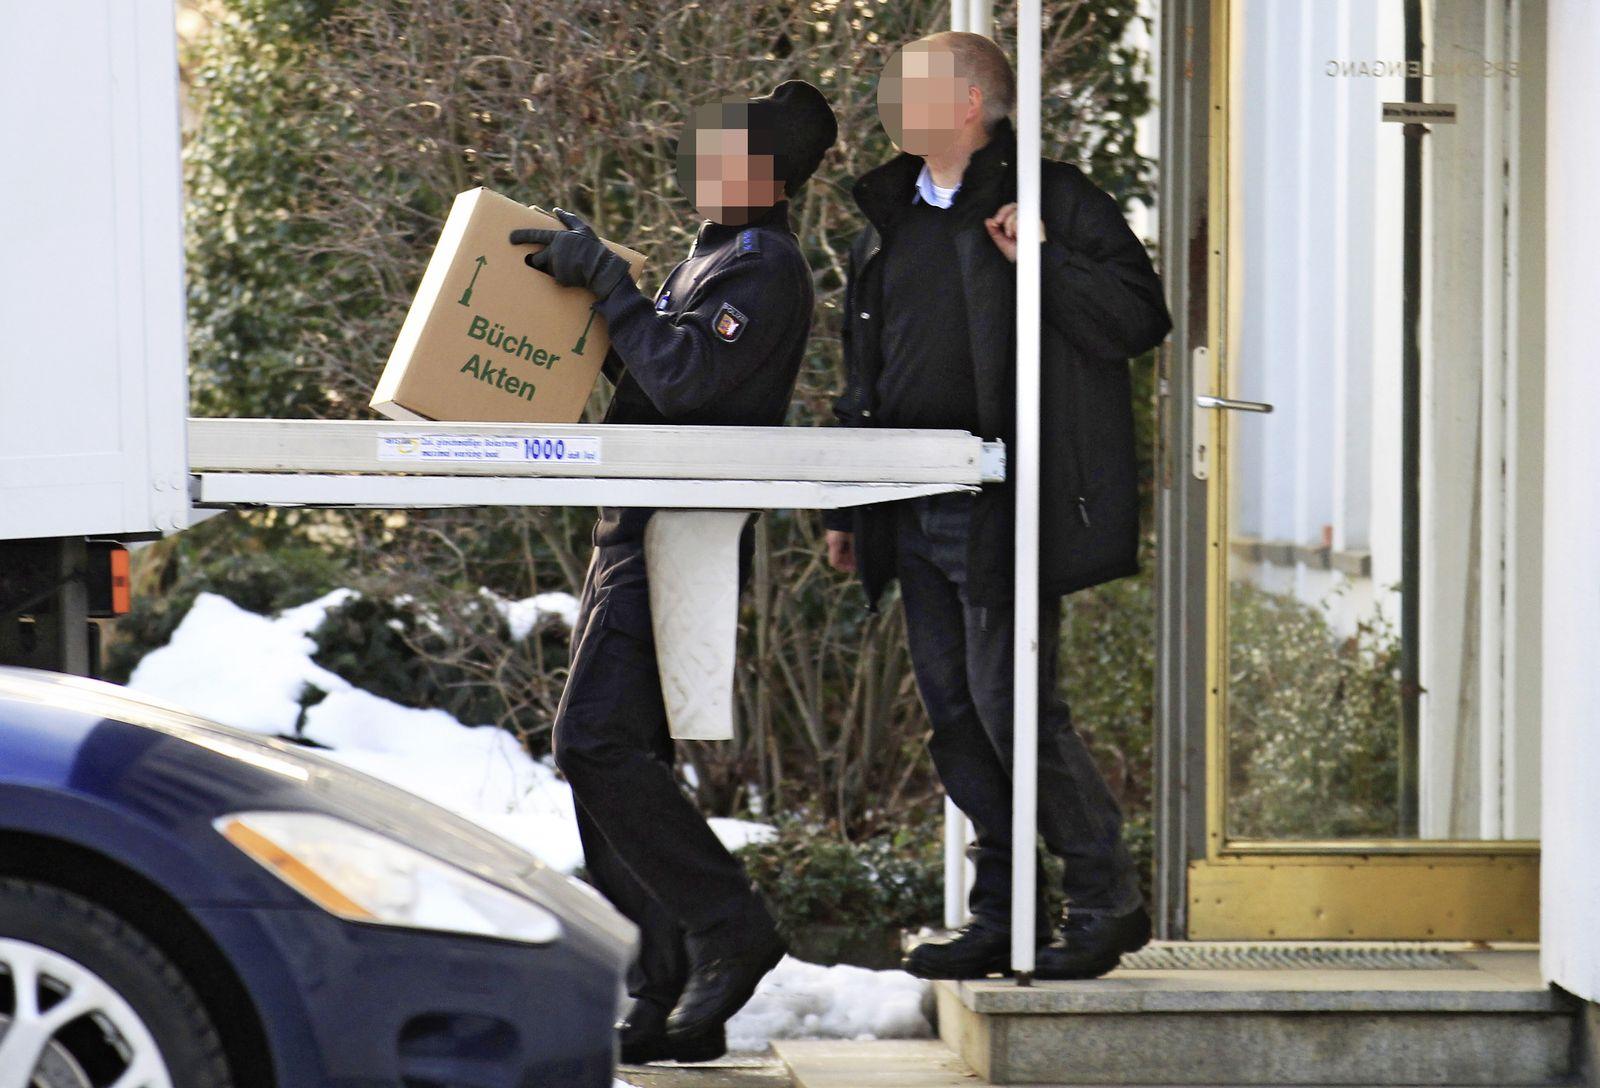 Polizeiliche Durchsuchung bei Harles und Jentzsch in Uetersen / Dioxin